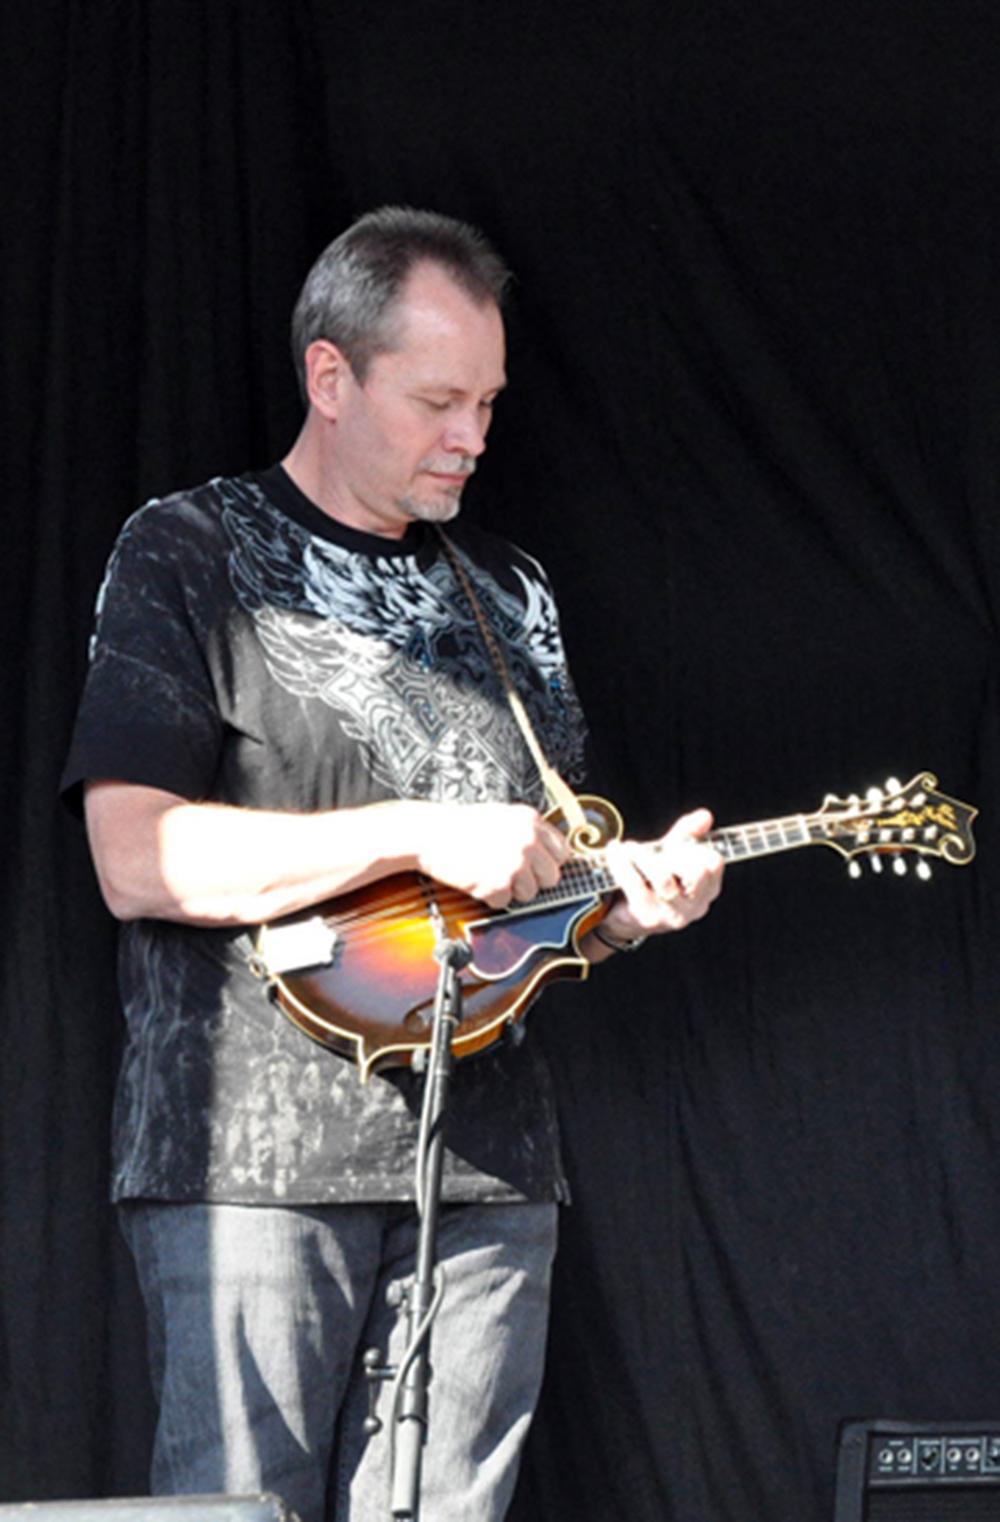 2011 - Danny Roberts - The Grascals